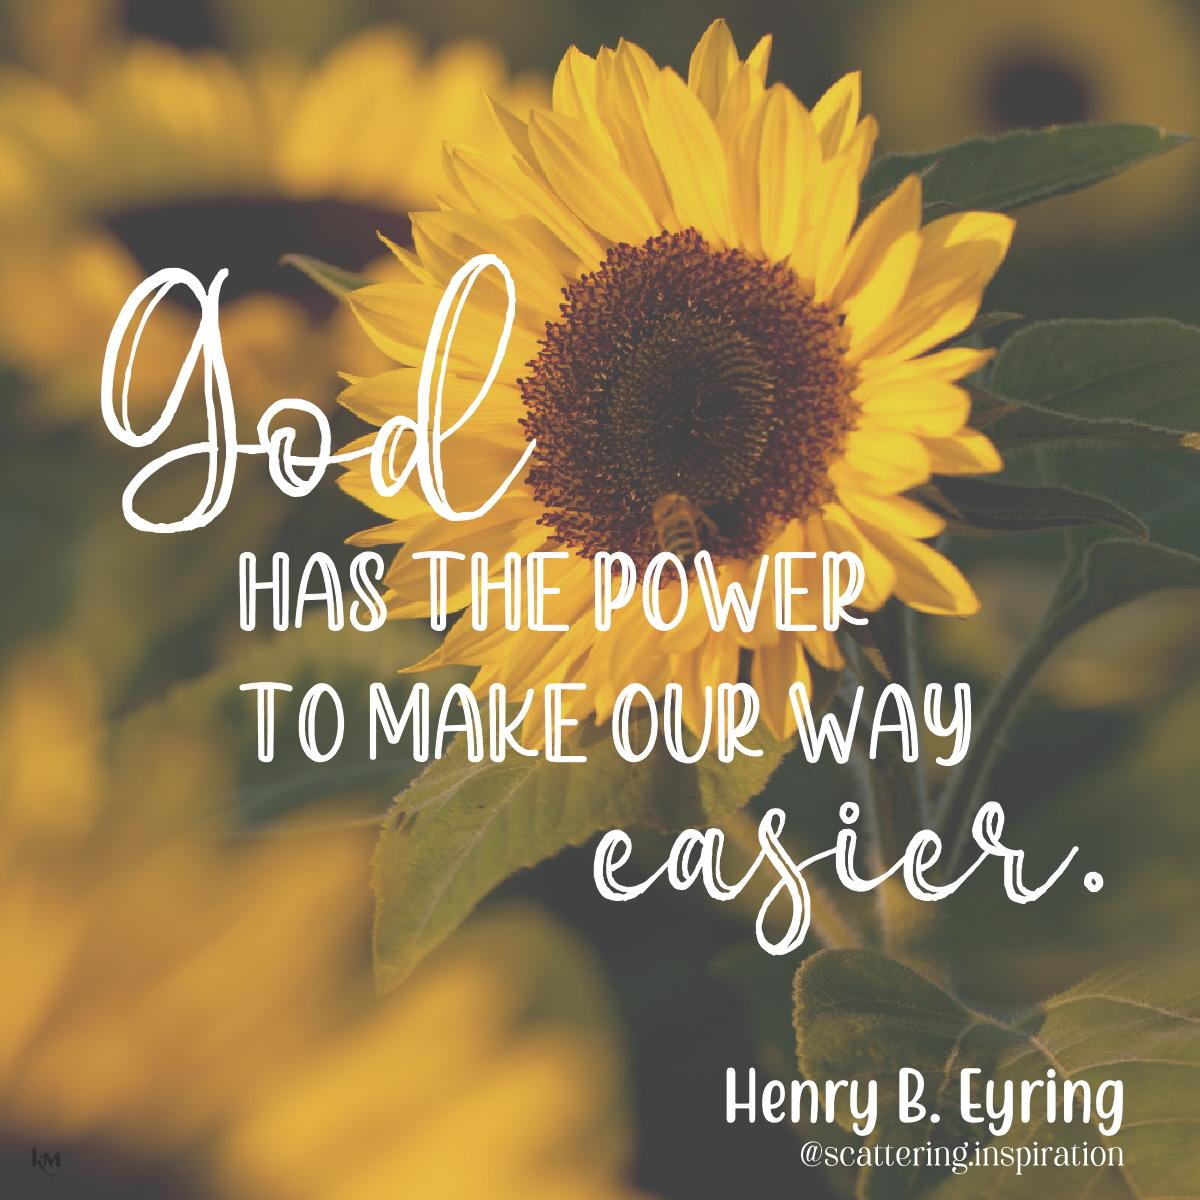 God has the power